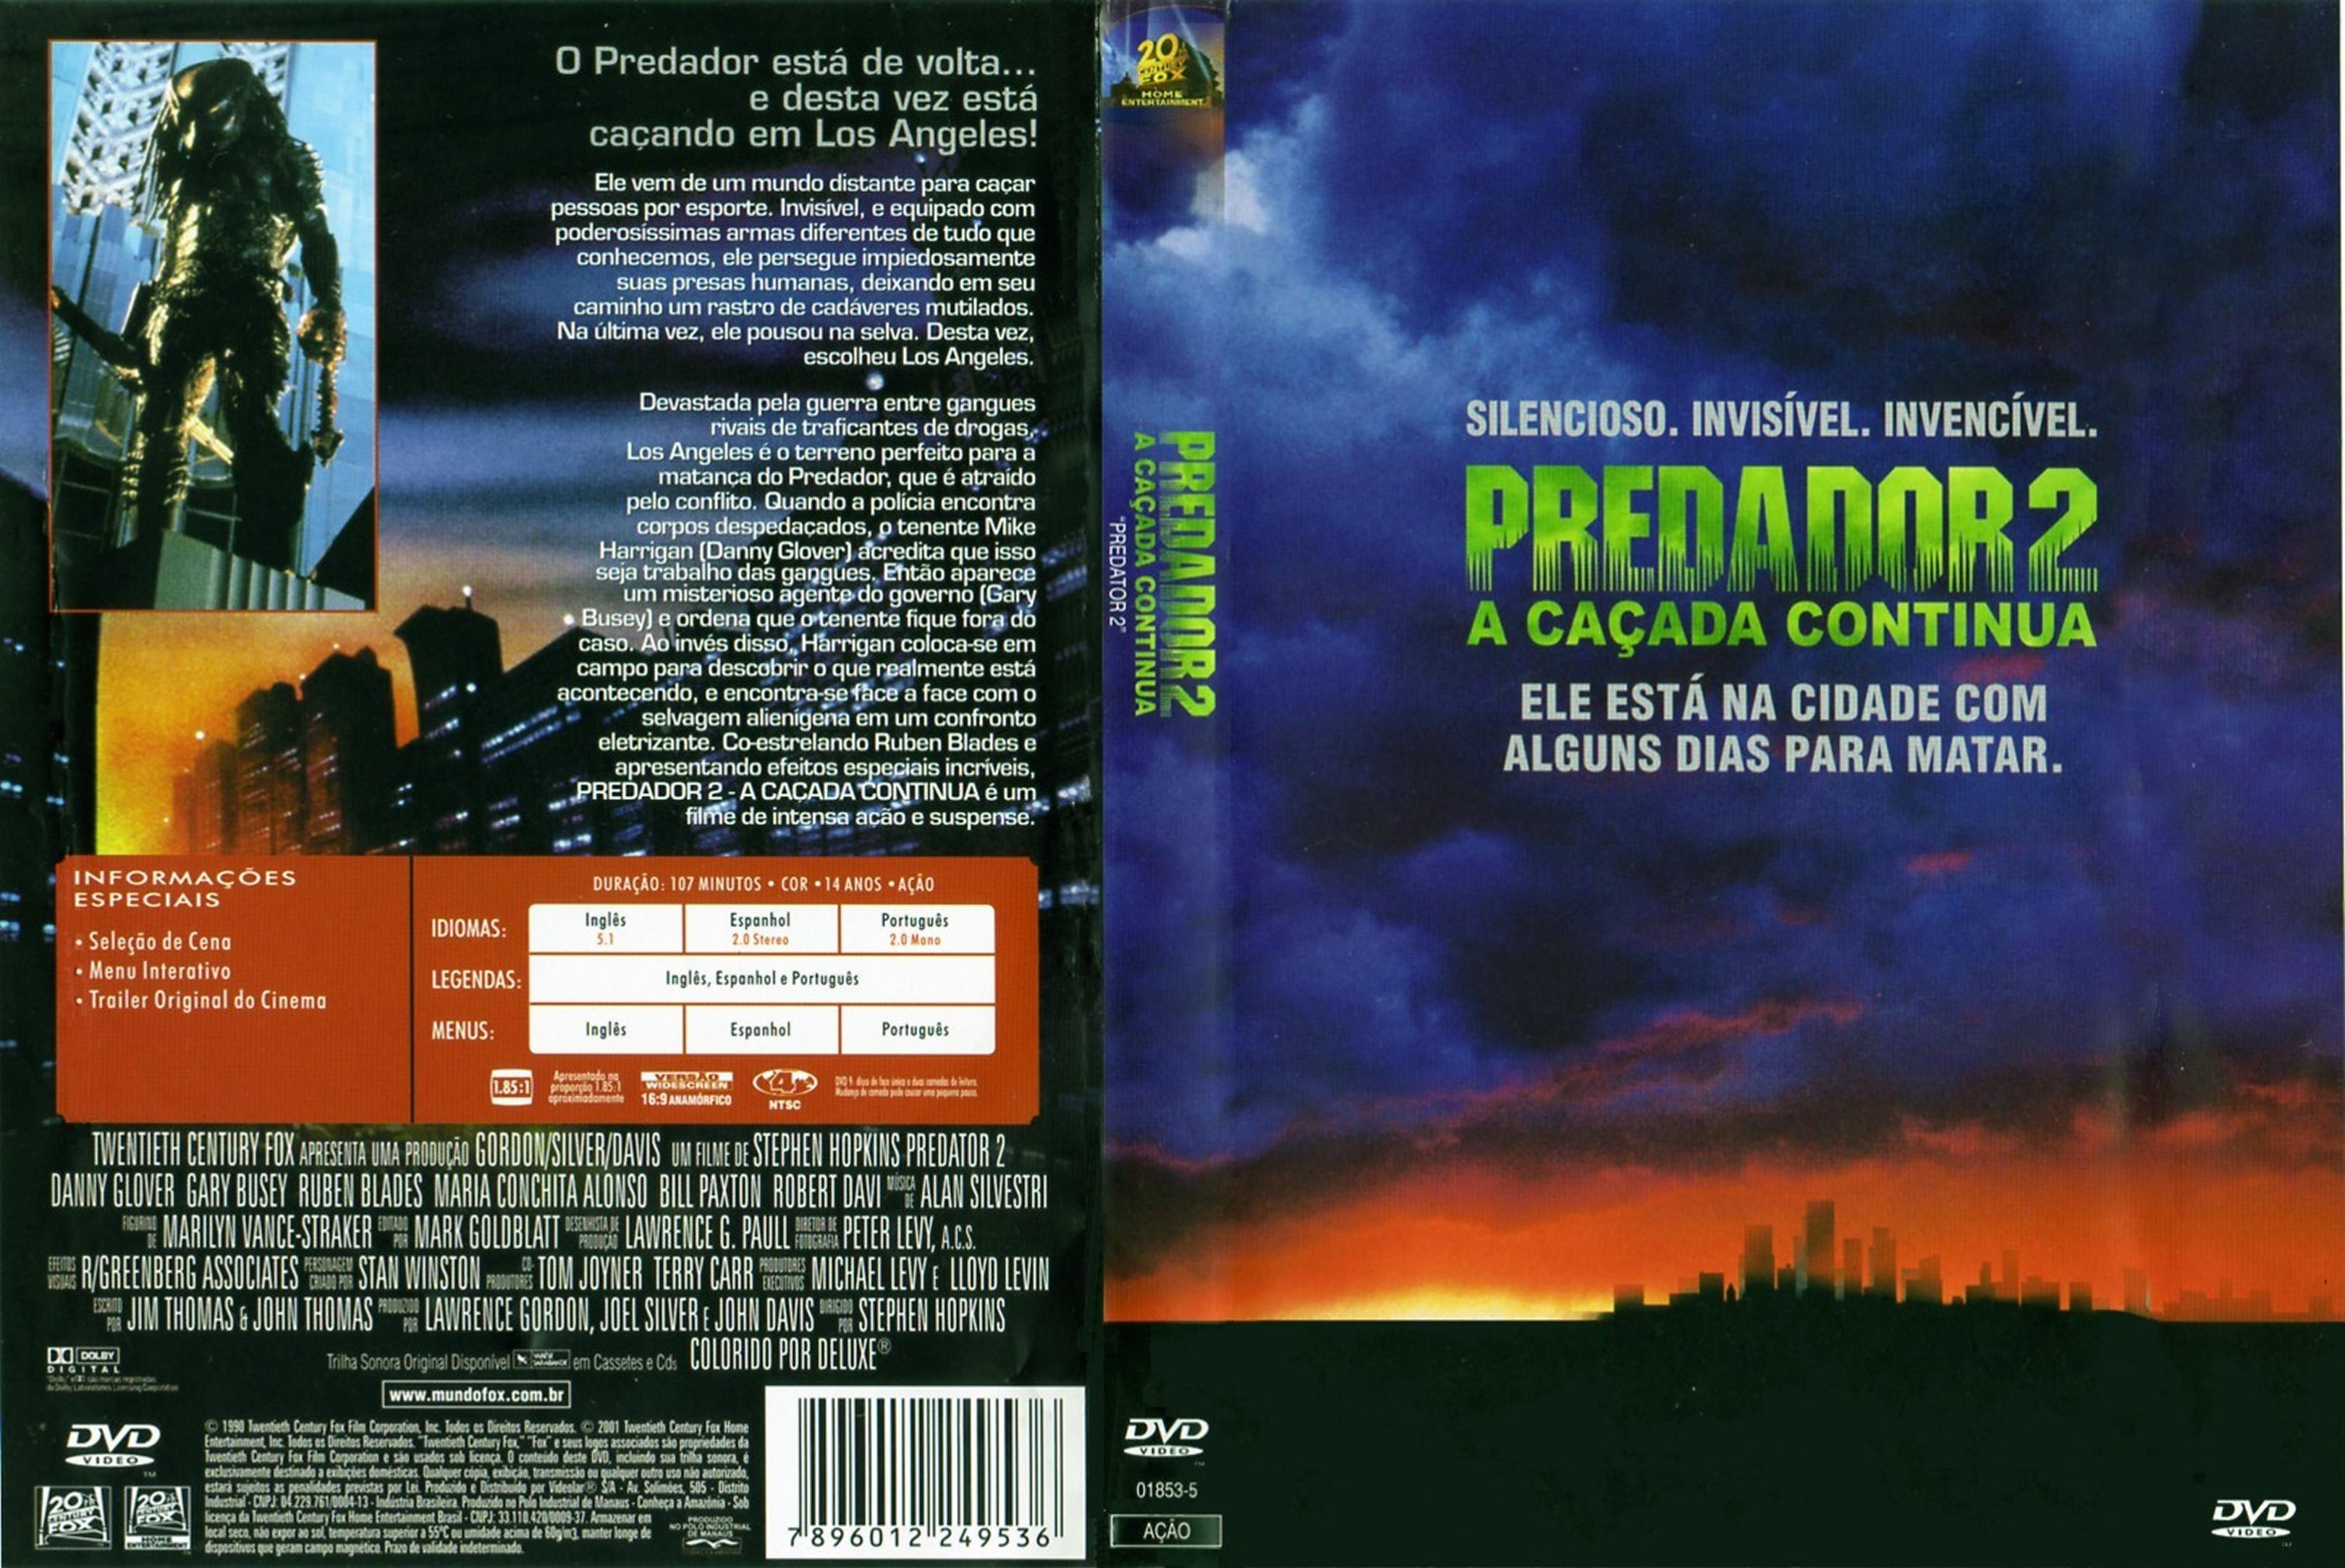 Predador2ACacadaContinua